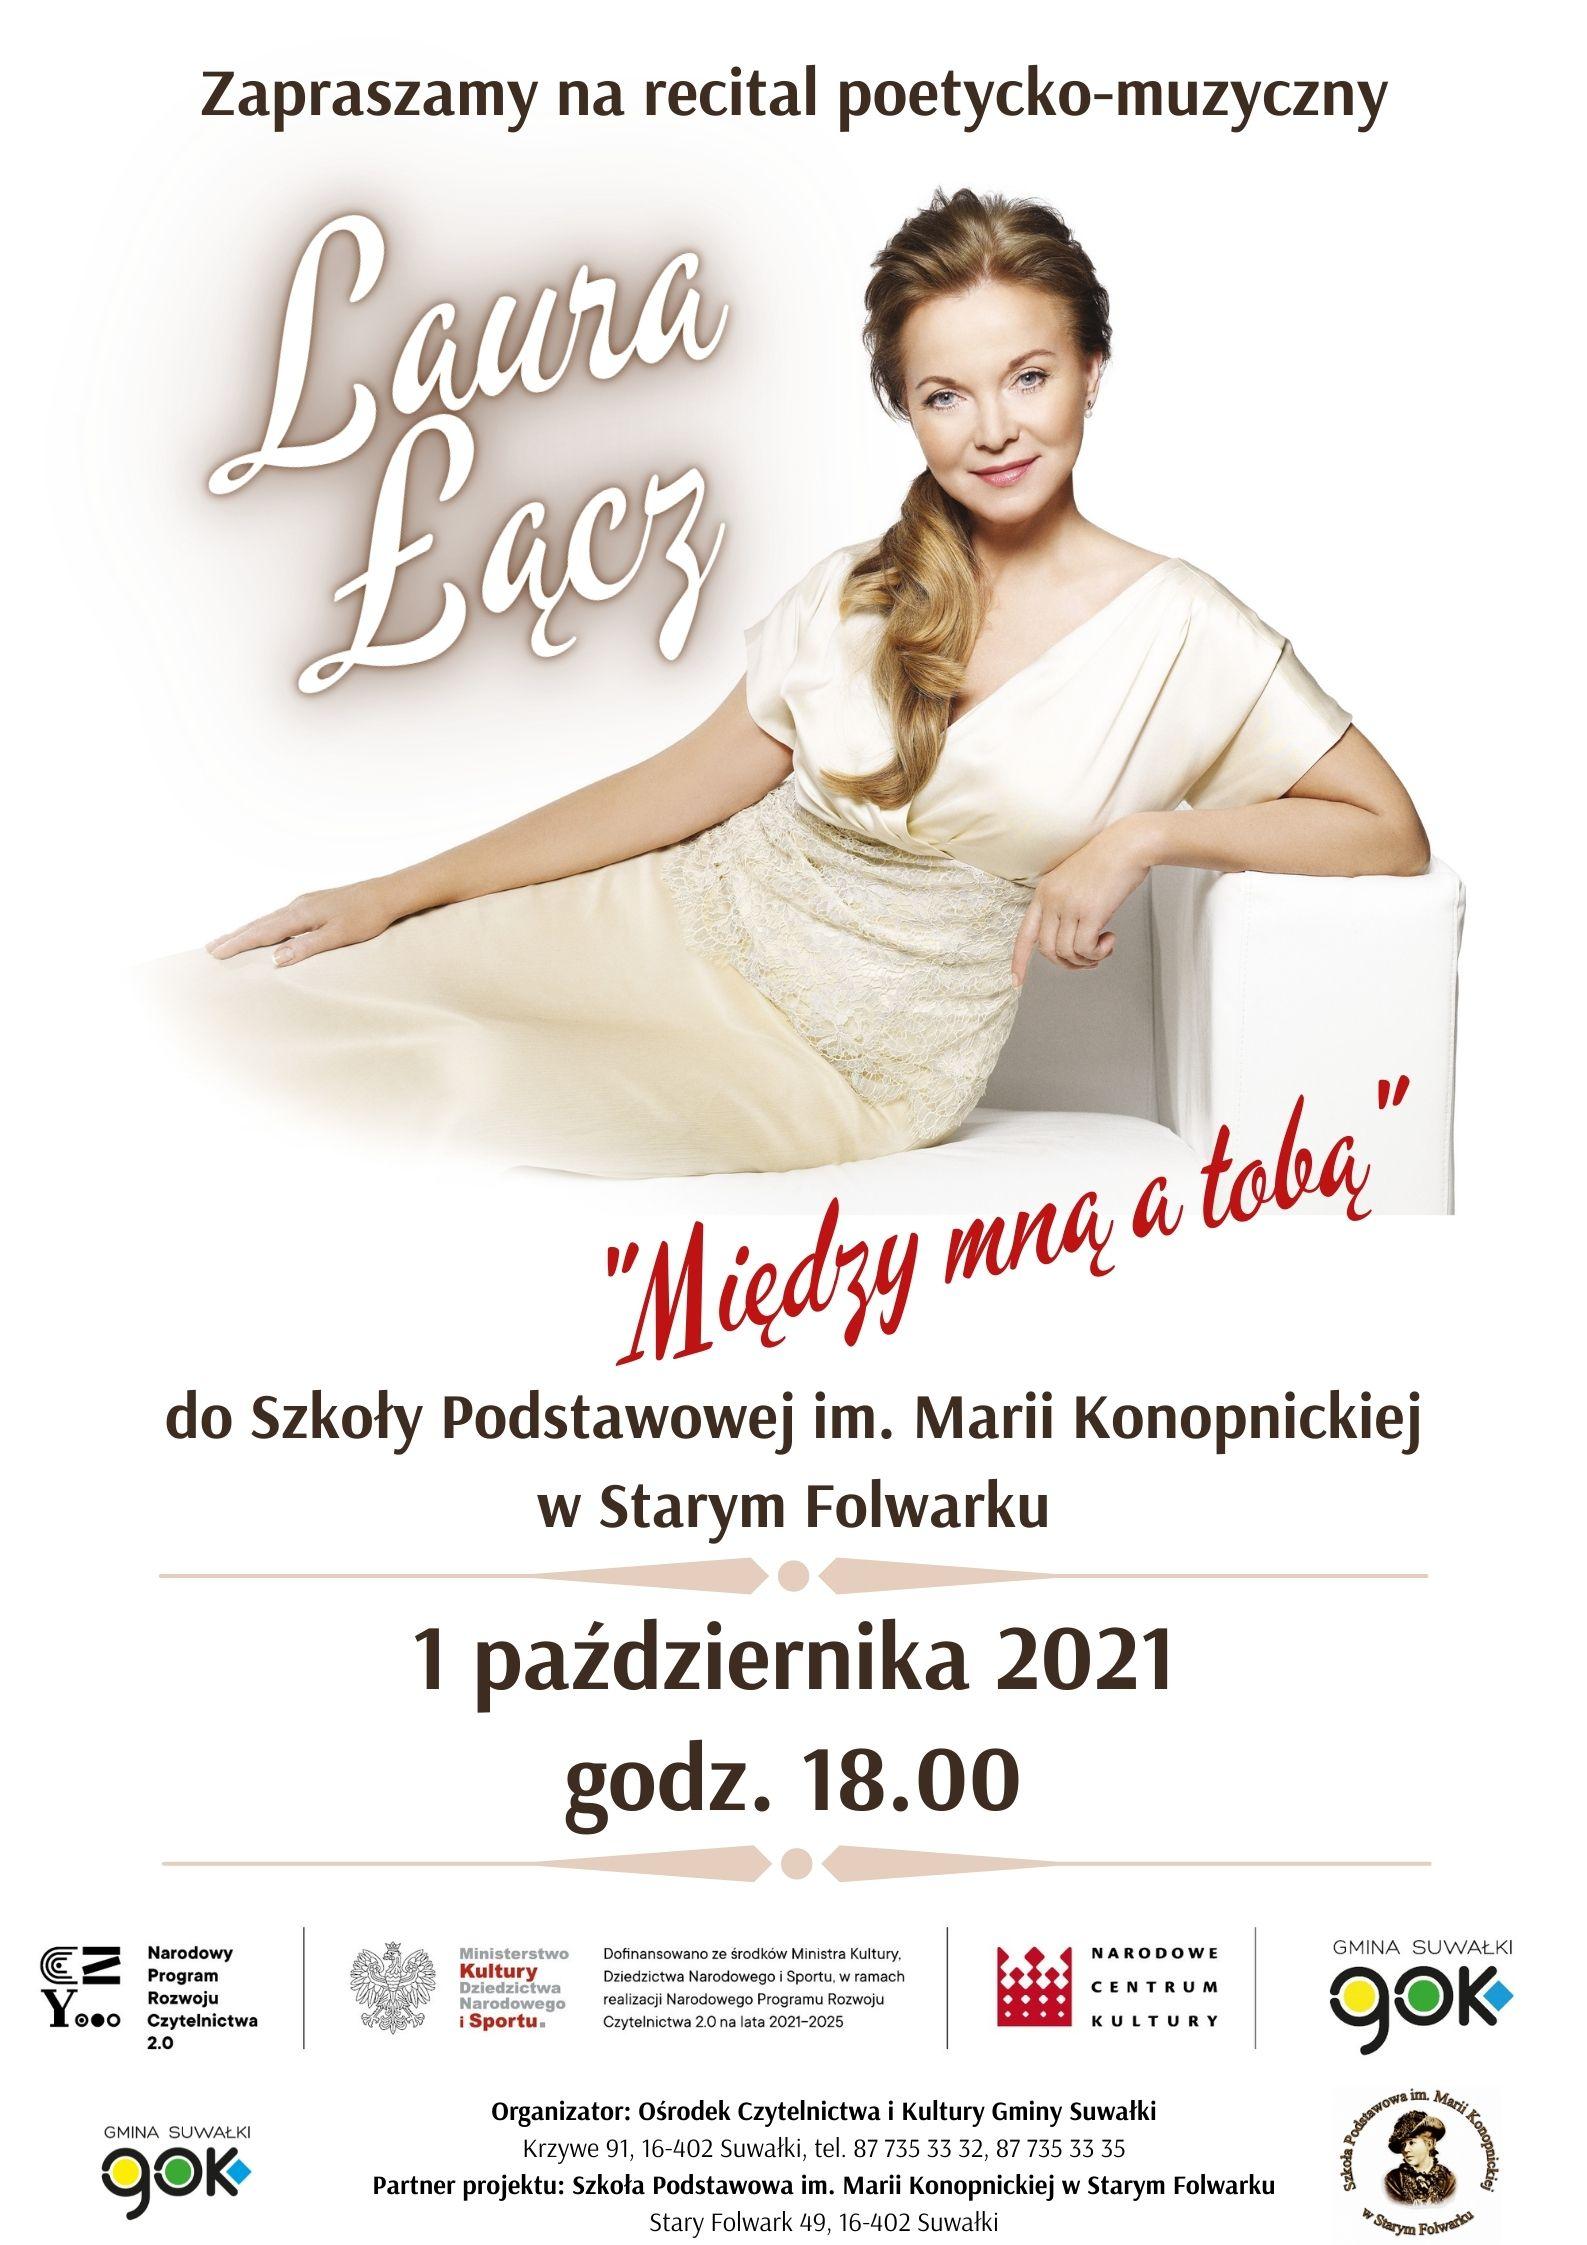 Laura Łącz - spotkanie i występ artystyczny